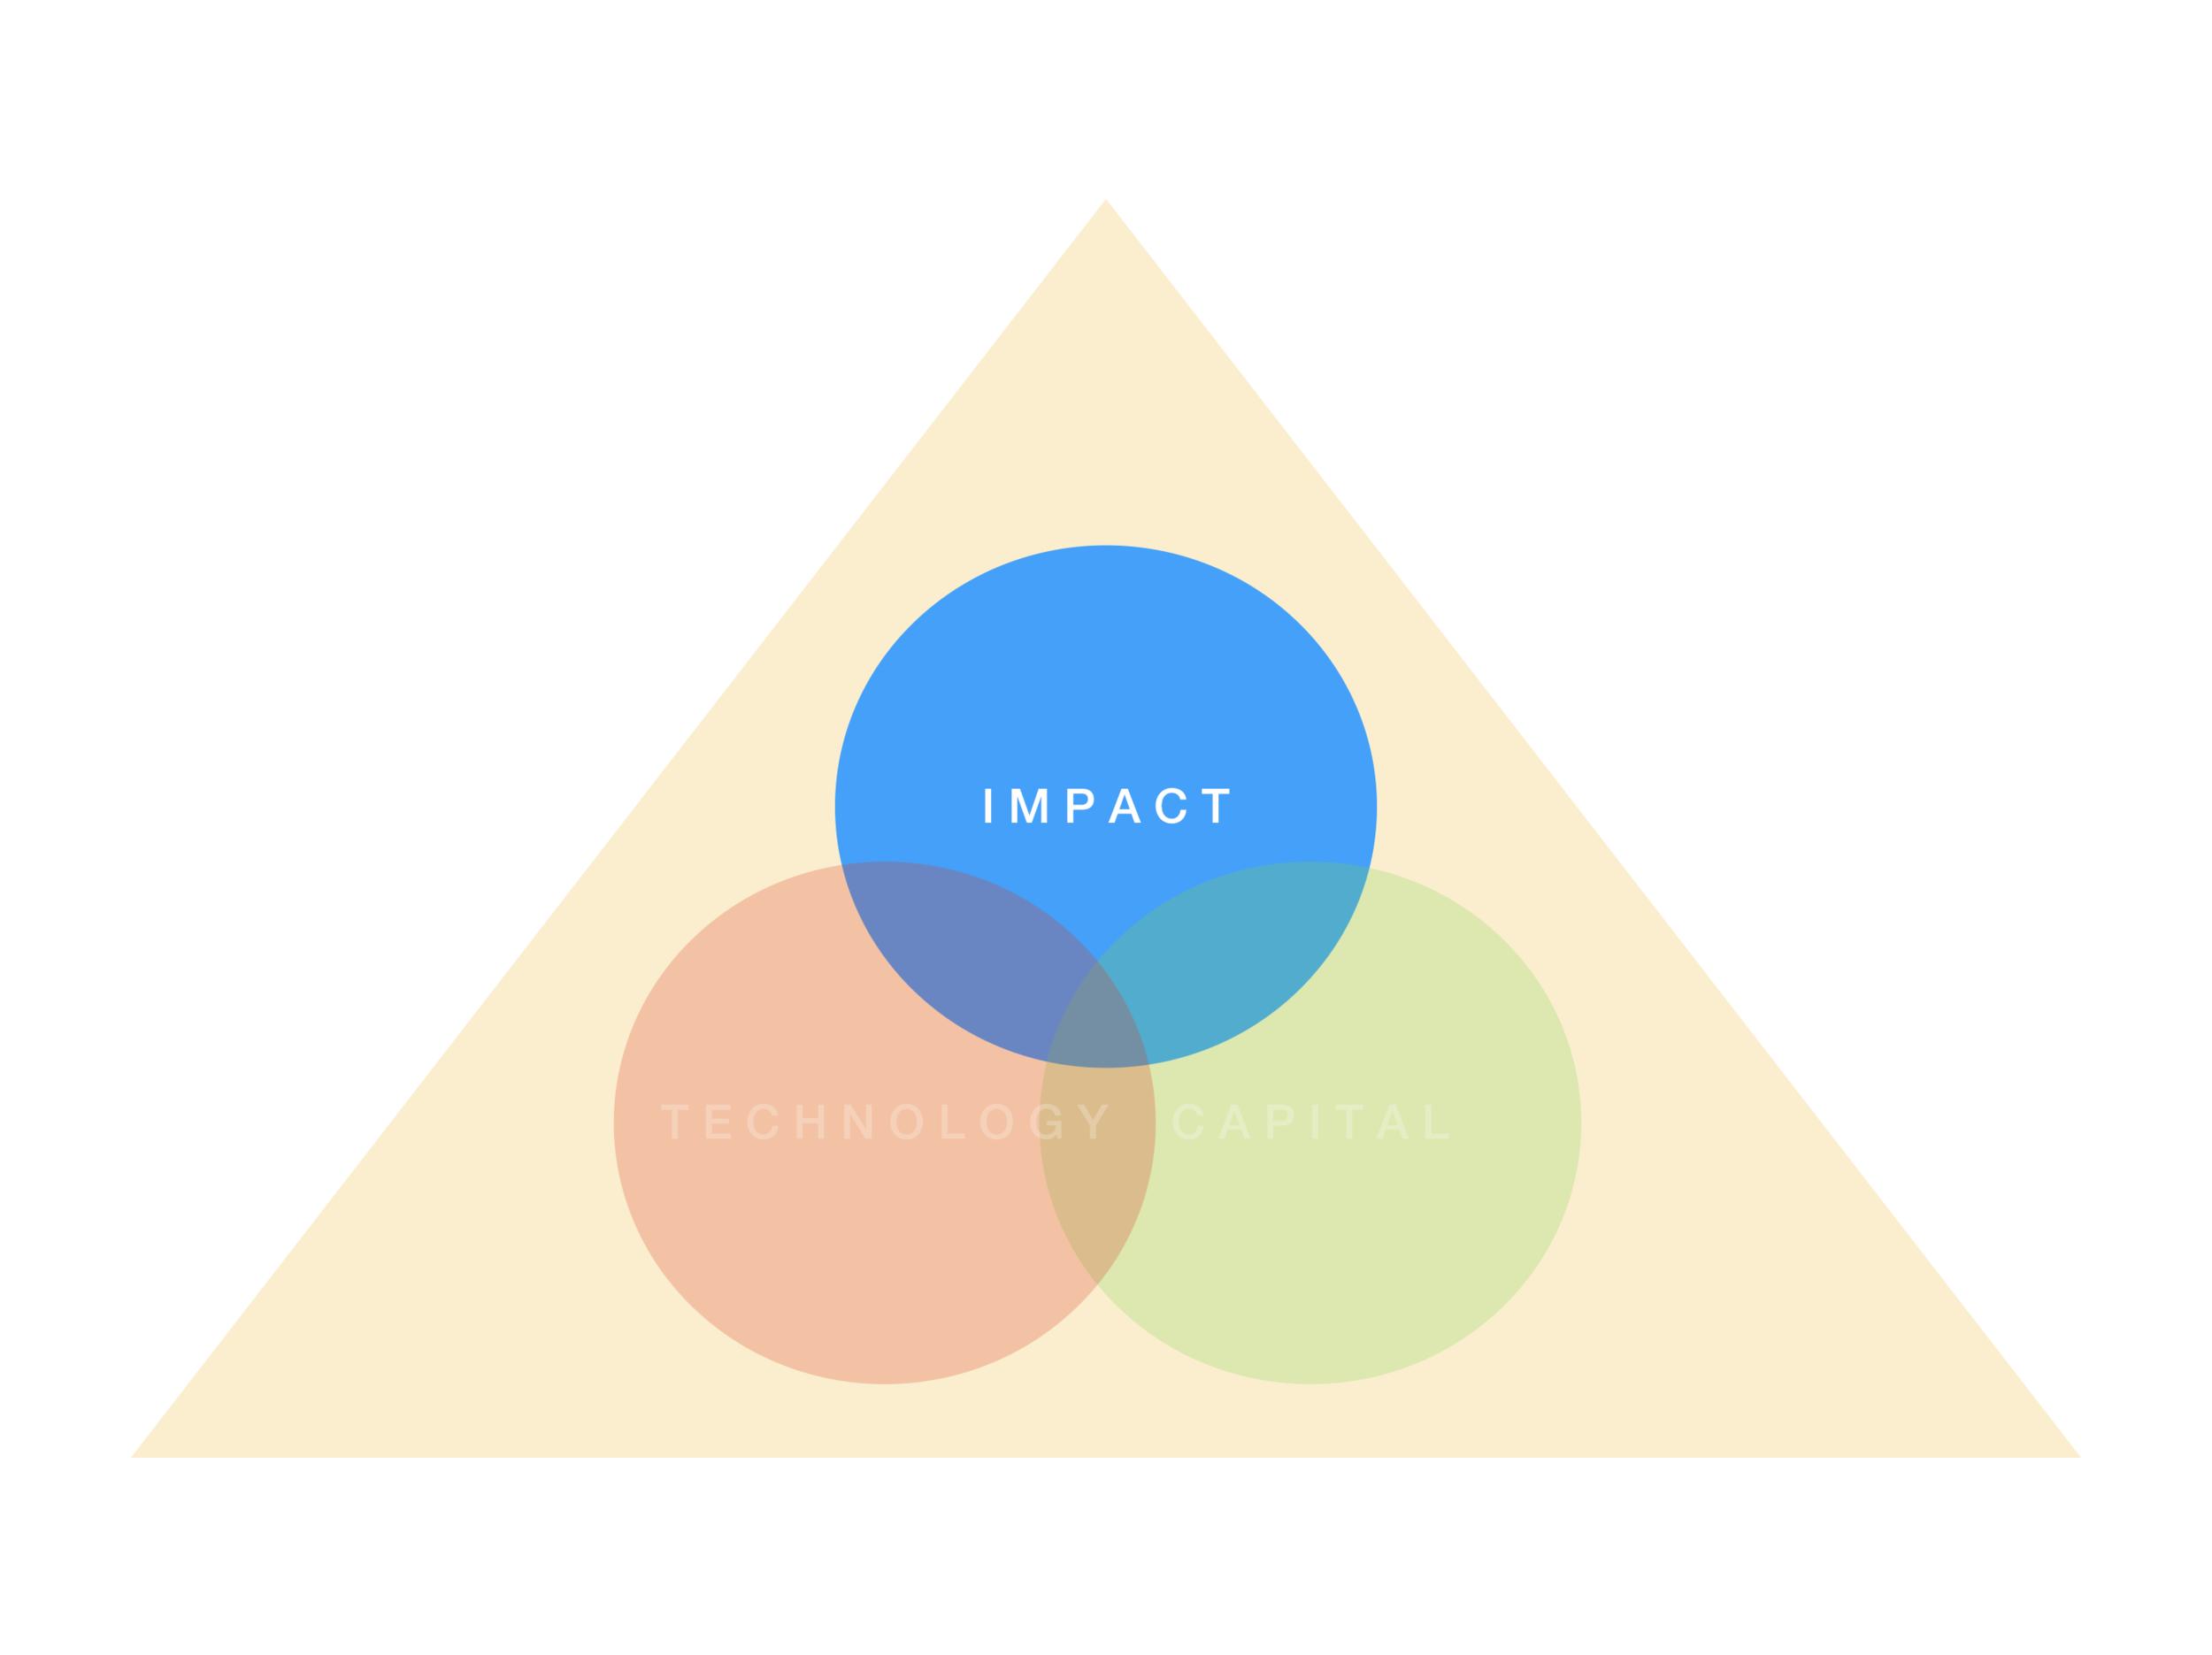 GTC - IMPACT - visual.png